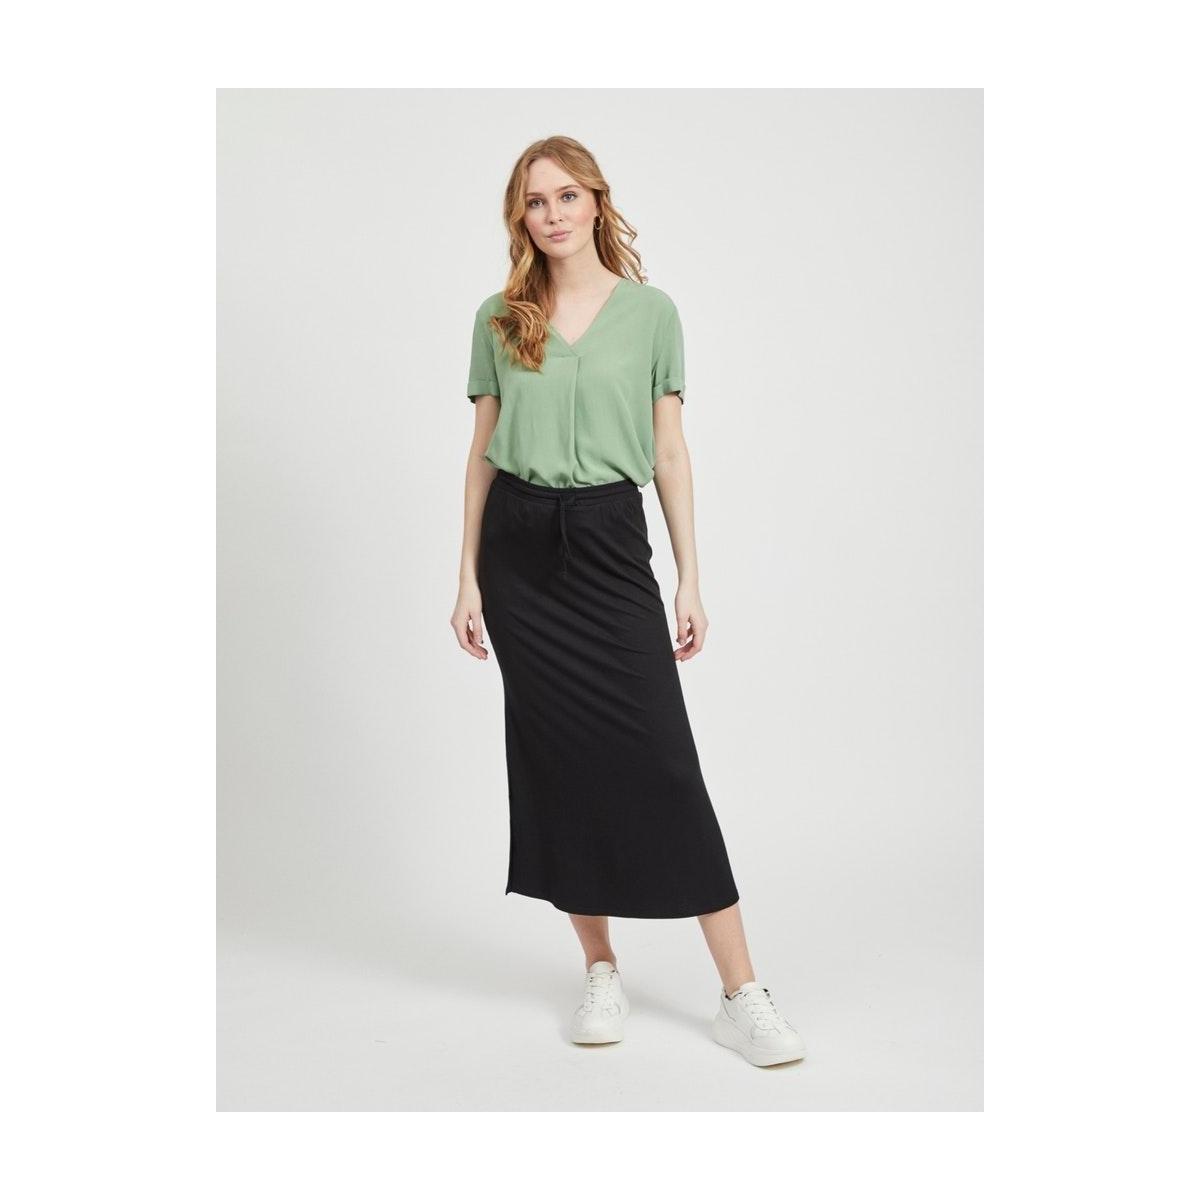 videll maxi skirt-noos 14054664 vila rok black